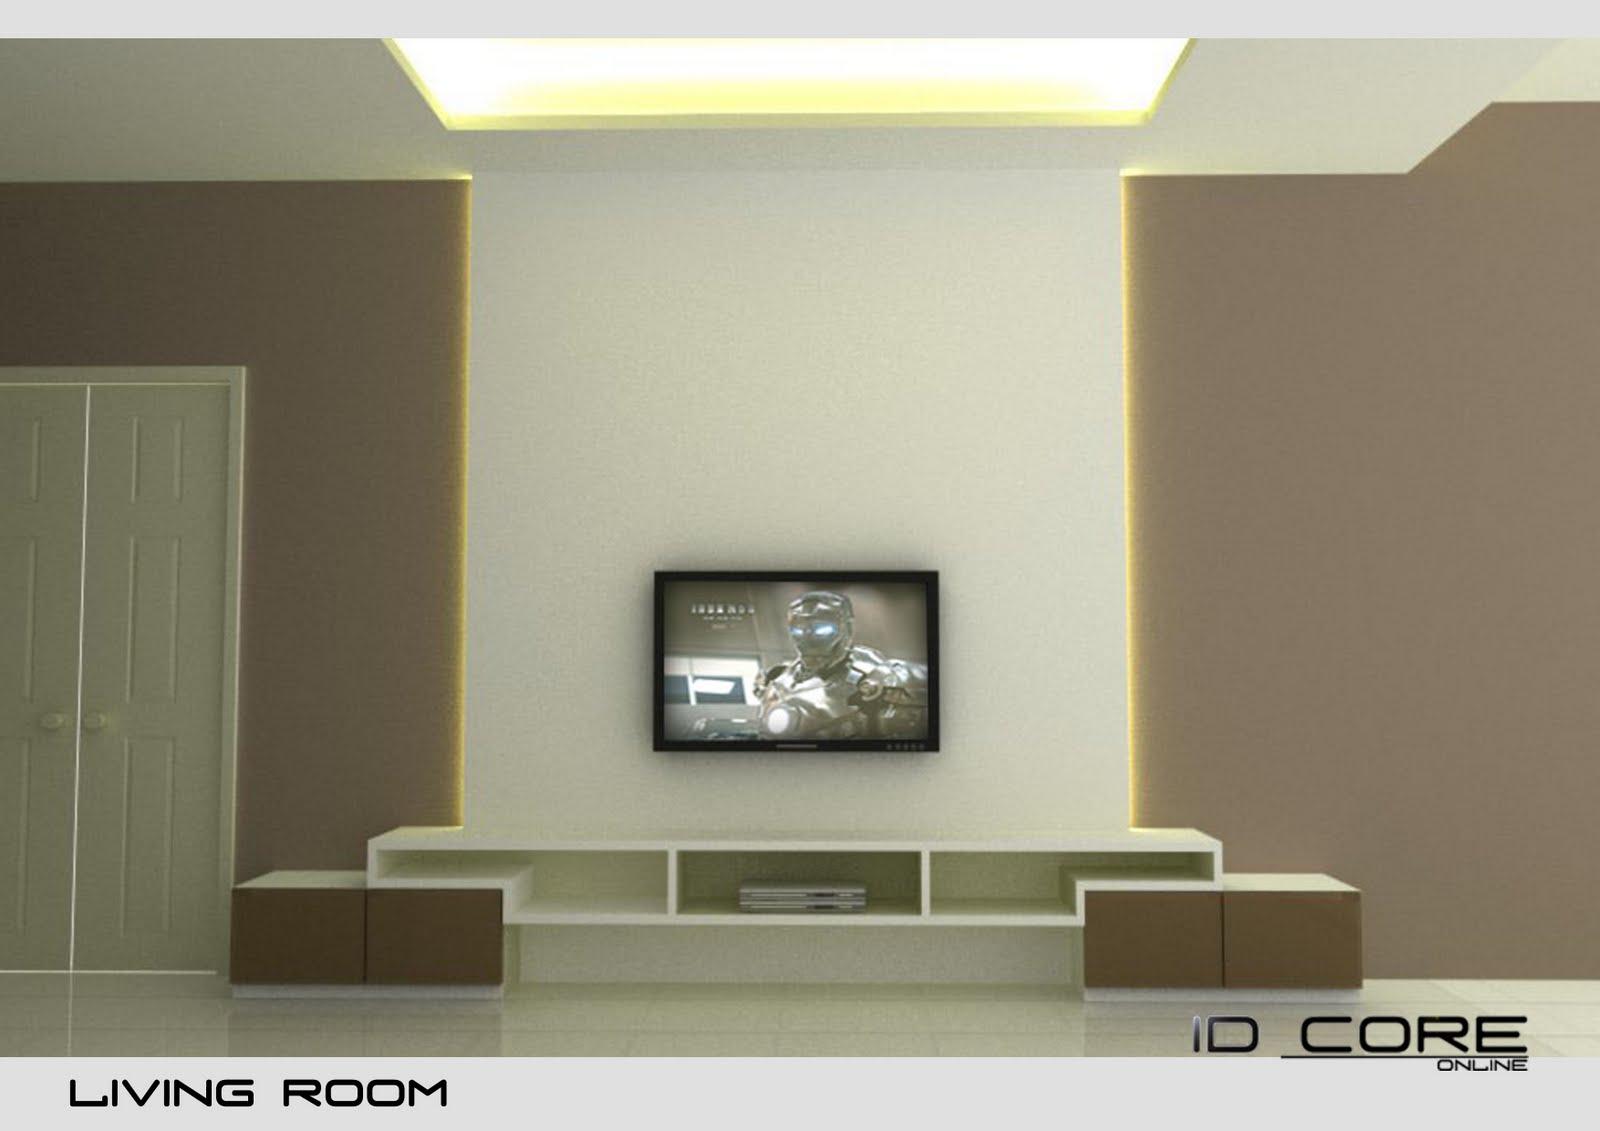 Living room tv cabinet design living room interior designs for Living room cabinet design